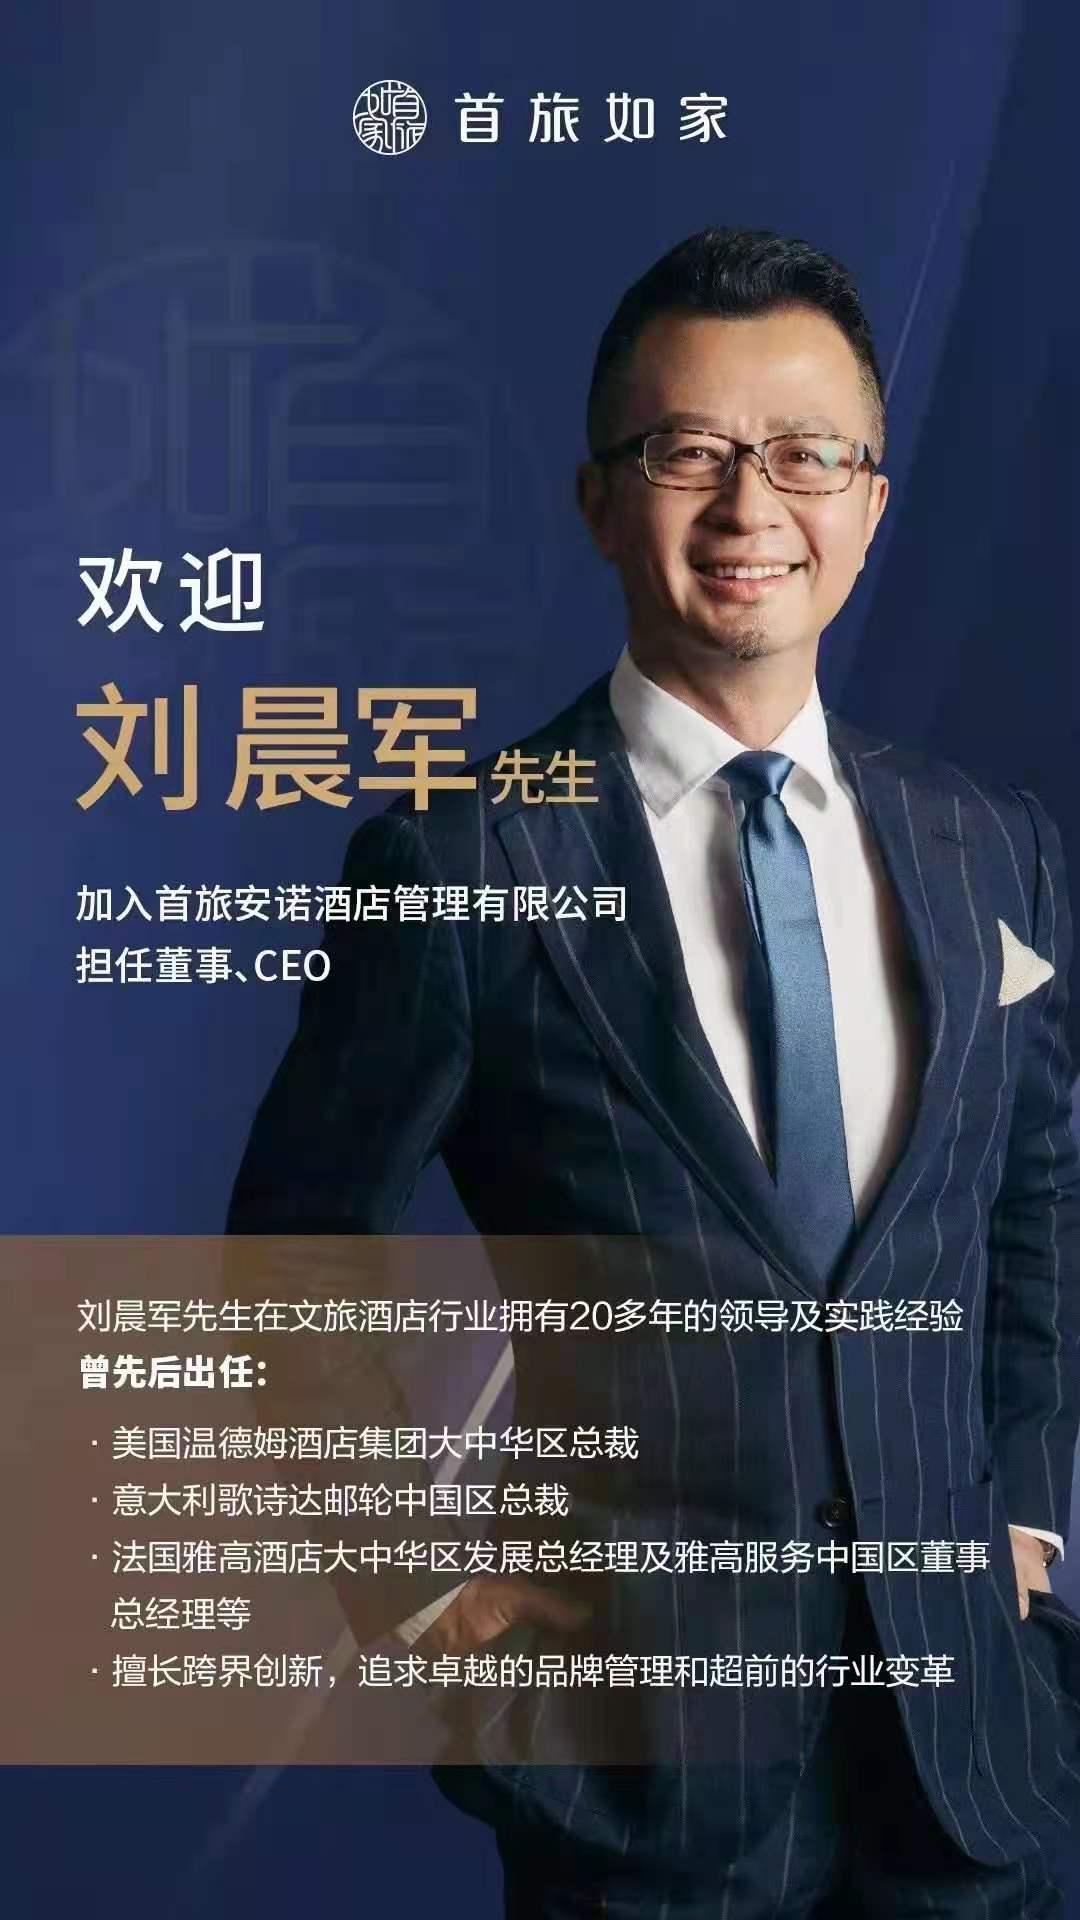 刘晨军加入首旅如家酒店集团,担任首旅安诺酒店管理有限公司董事、CEO